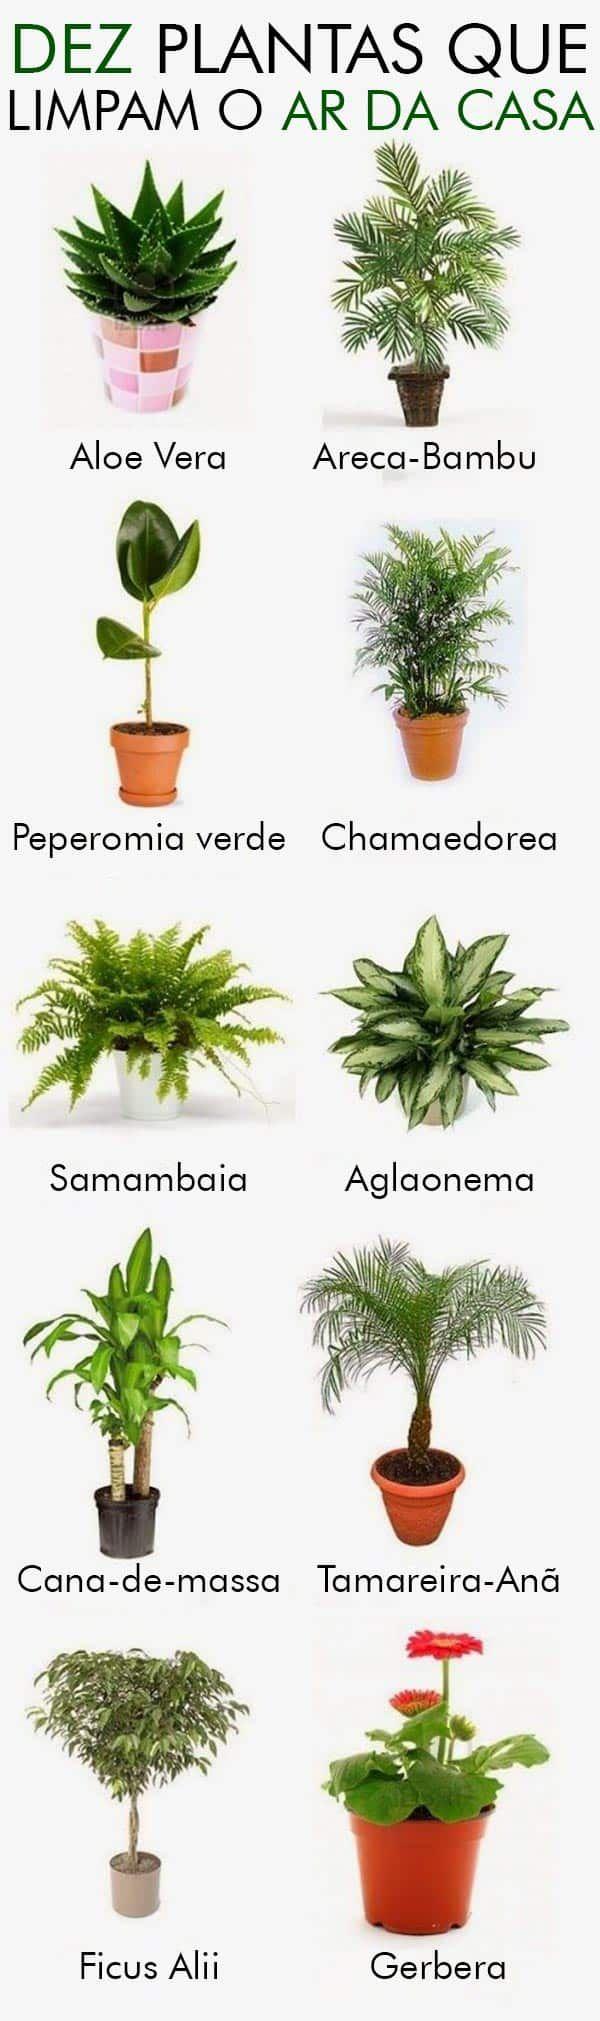 Você sabia que há plantas que limpam o ar casa? Elas auxiliam na purificação do ar que circula pelos ambientes. Confira neste post 10 dessas plantas!